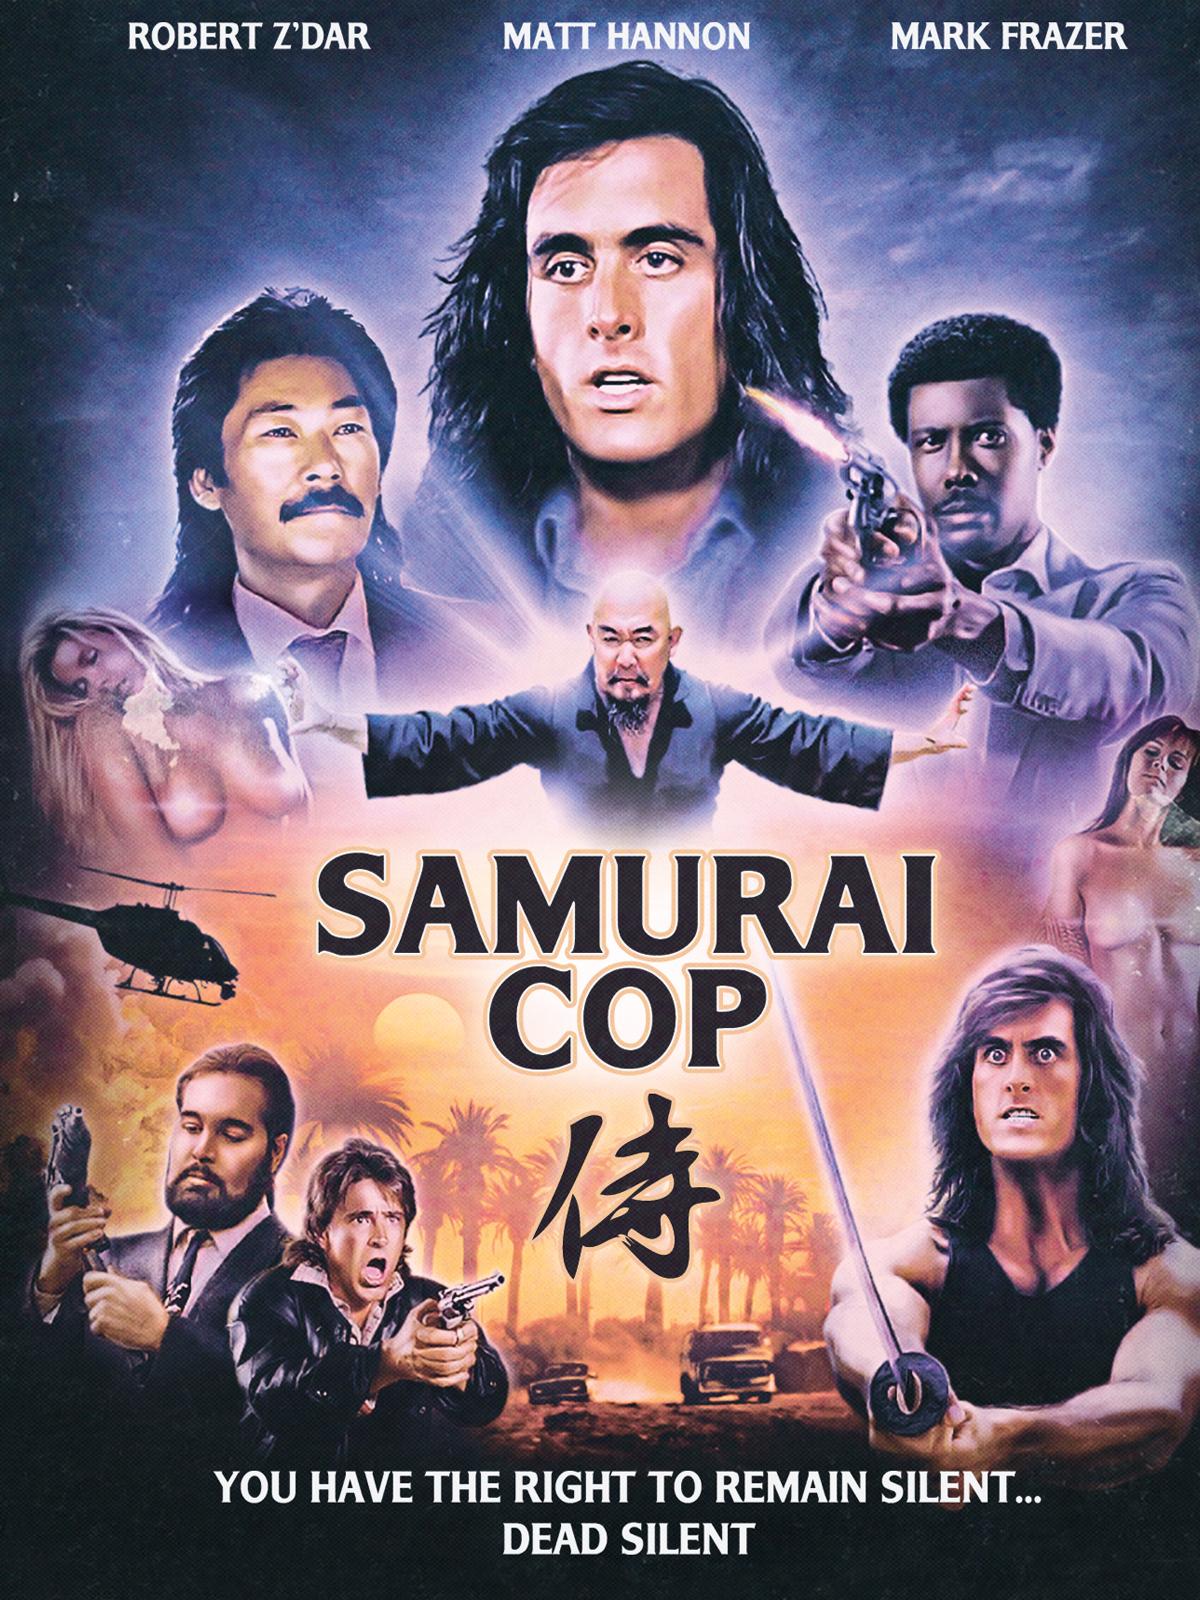 Samurai Cop poster